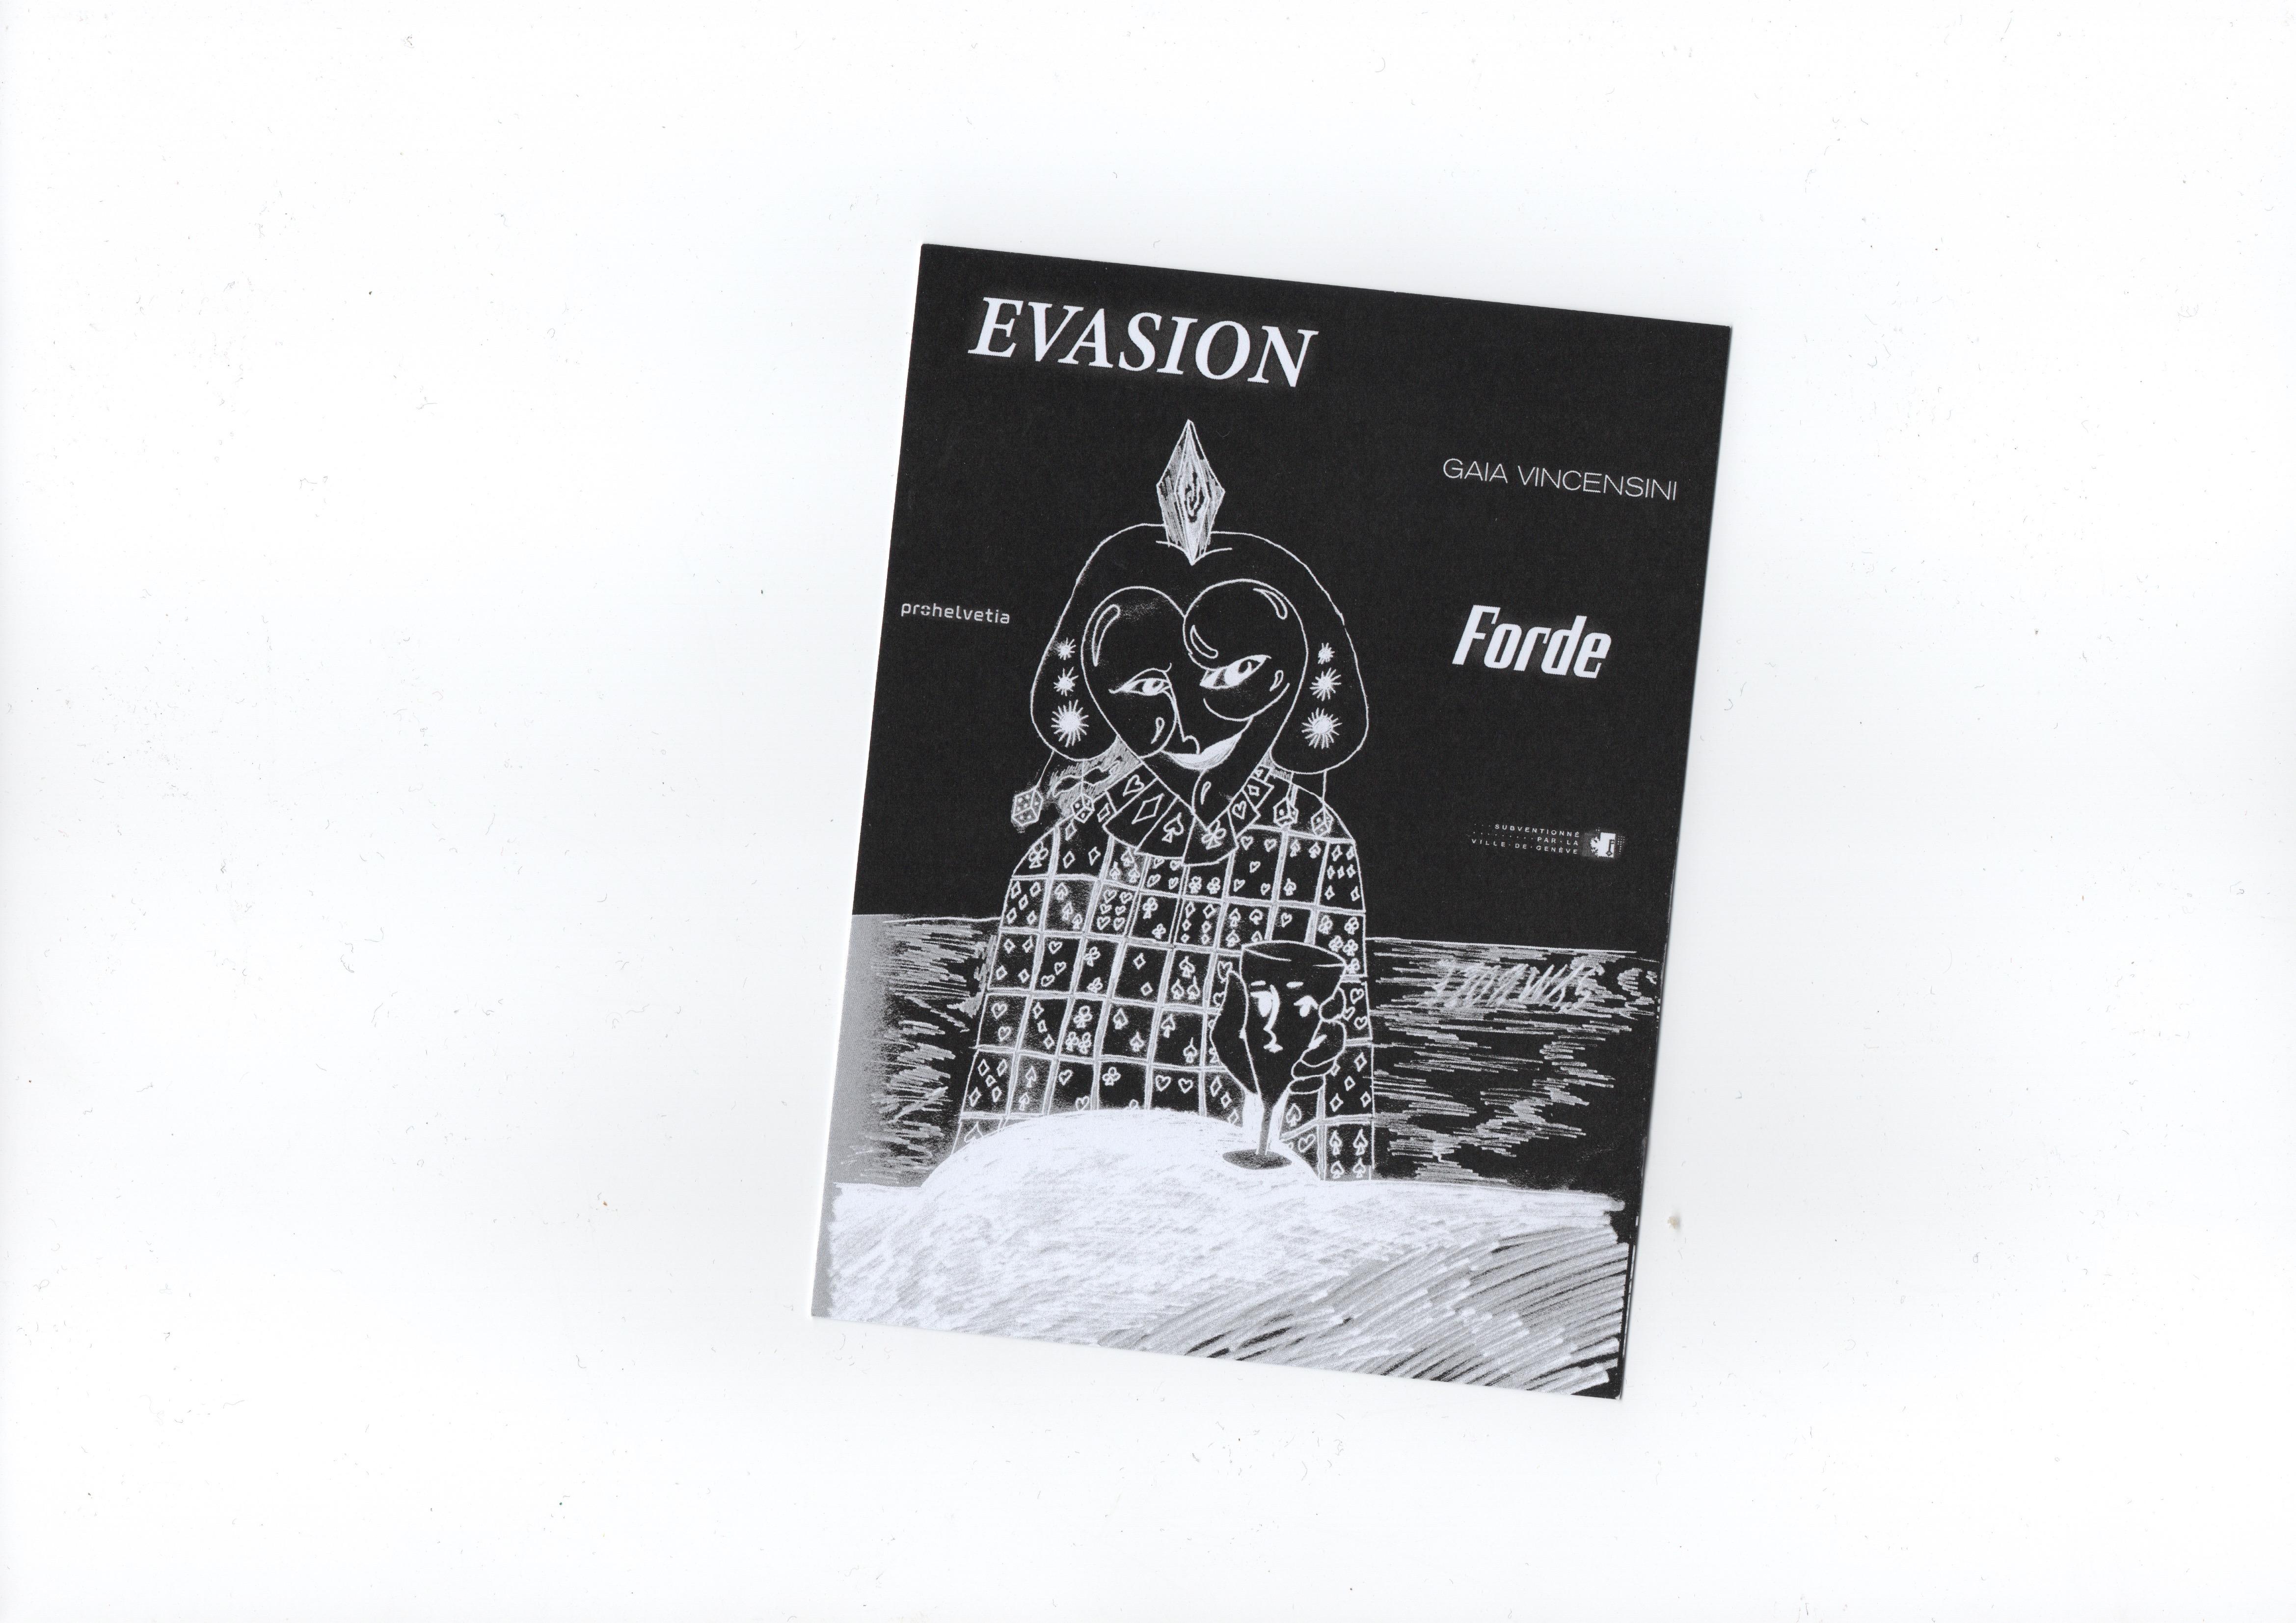 forde - flyer - Gaia Vincensini – Evasion